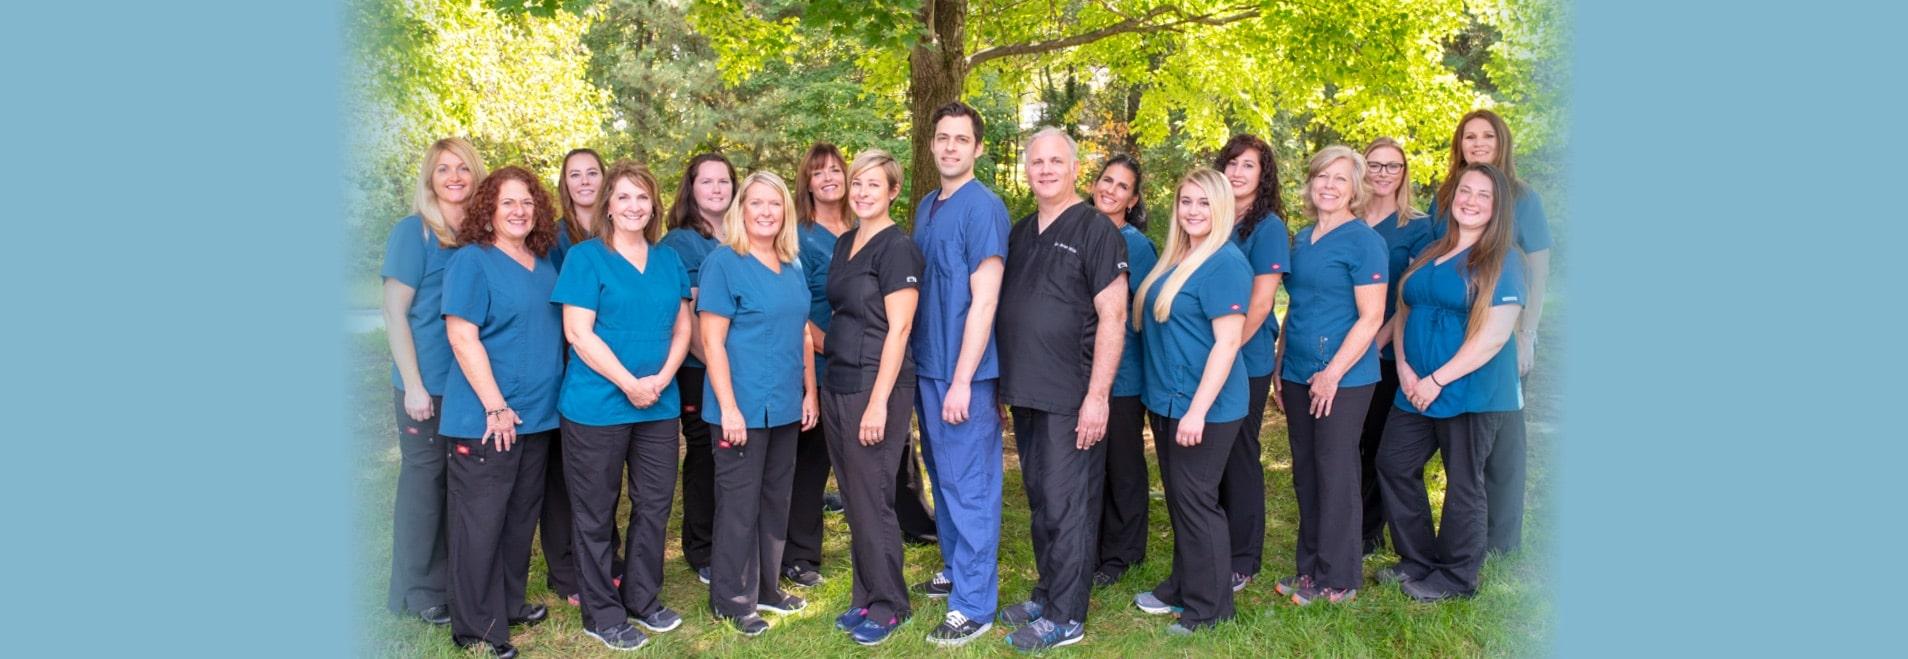 Highpoint-dental-dentist-chalfont-slider-2019-2